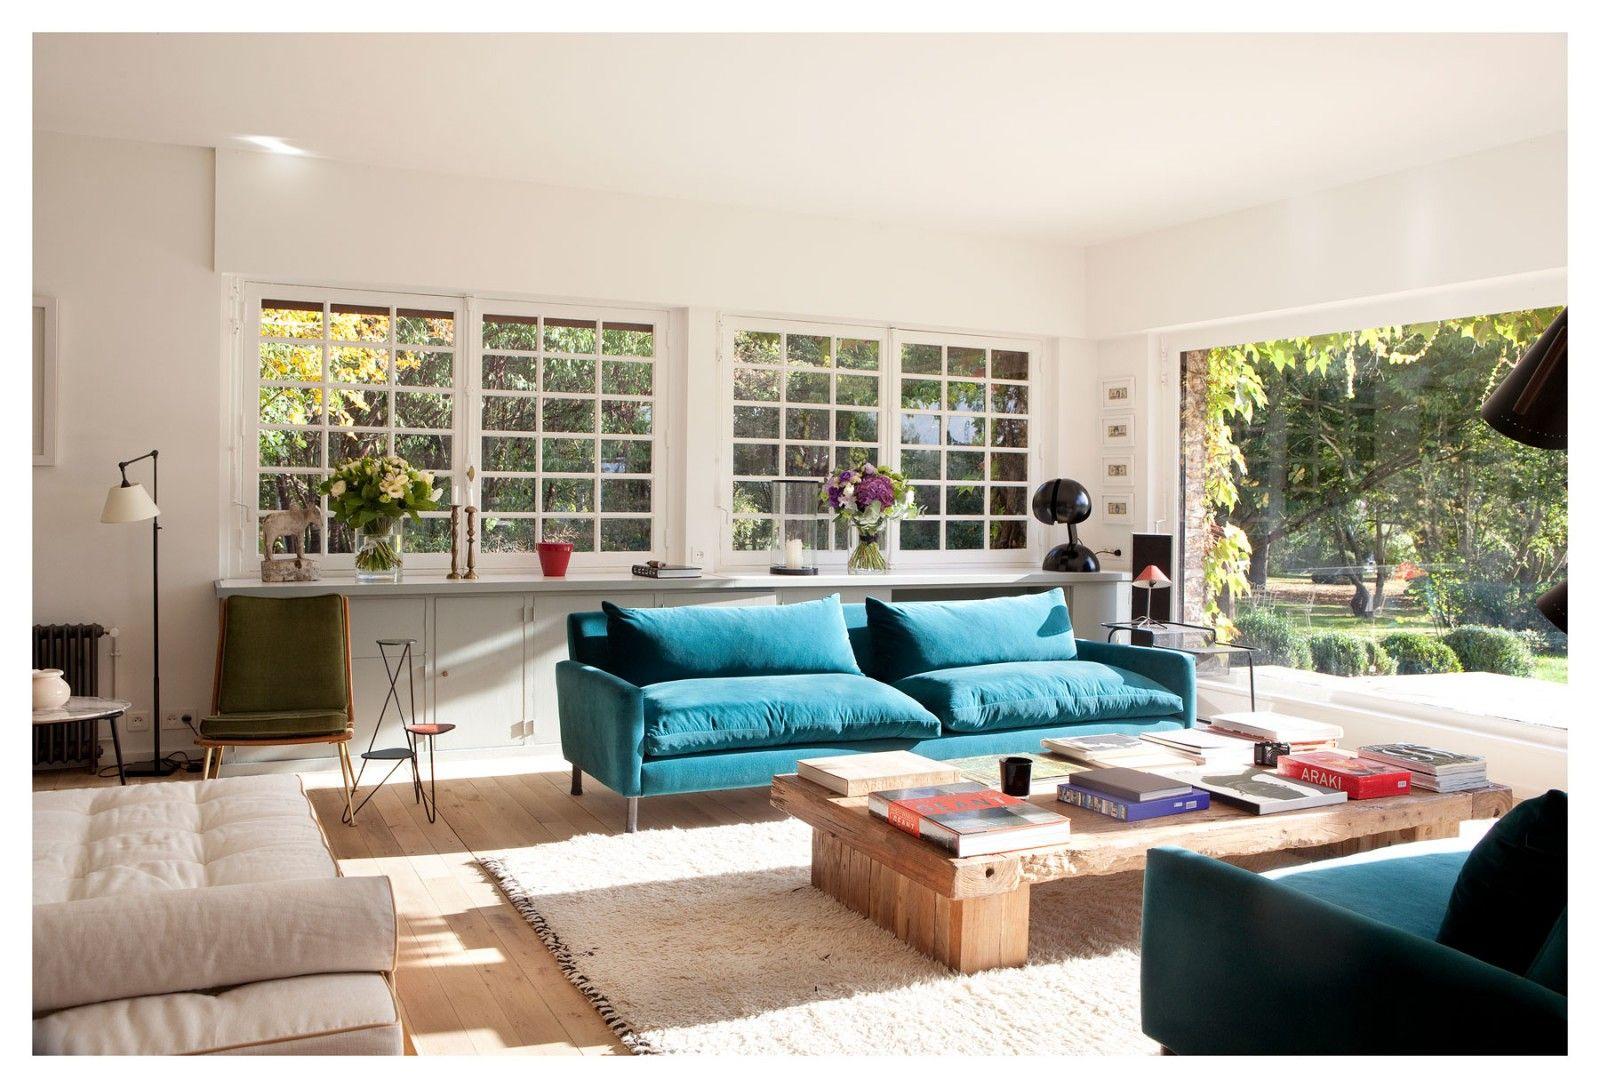 main picture of maison de campagne designer sarah lavoine